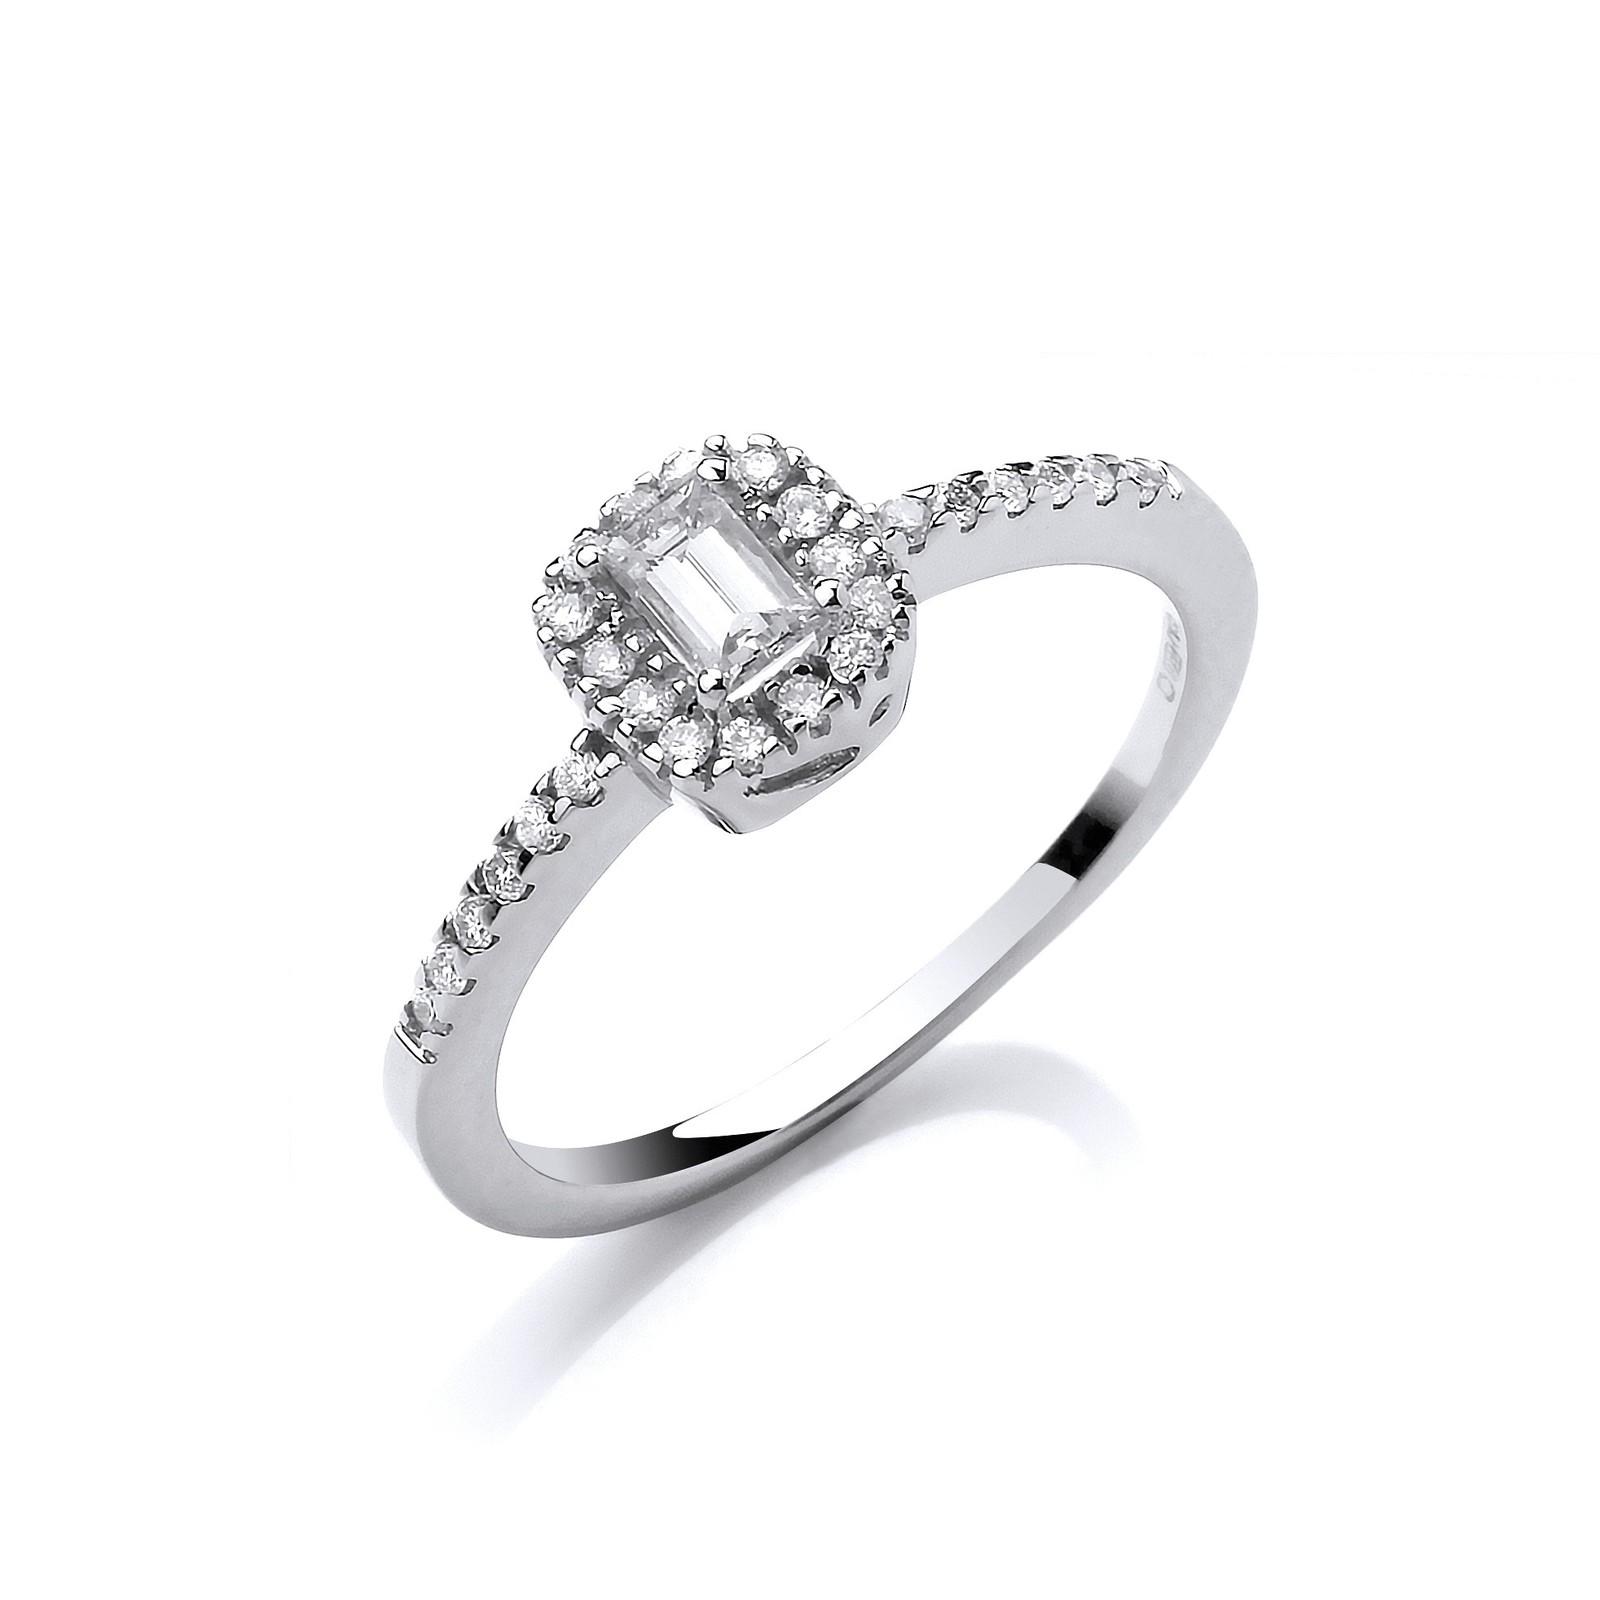 18ct White Gold 0.50ct Emerald Cut Centre Diamond Ring